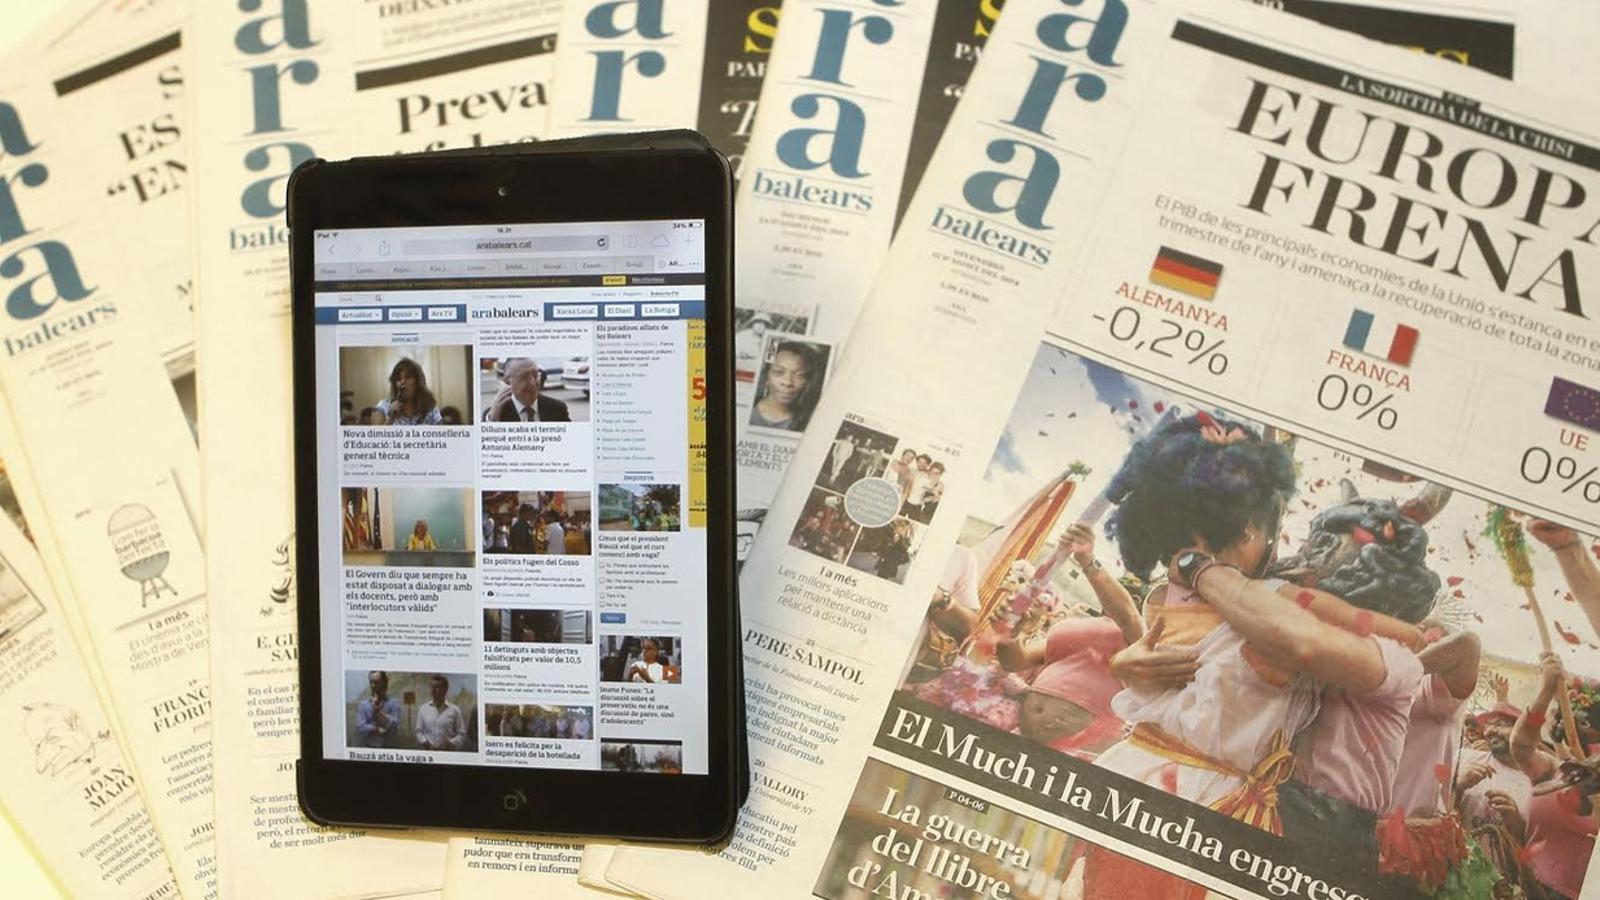 Els caps de setmana s'edita el diari en paper.